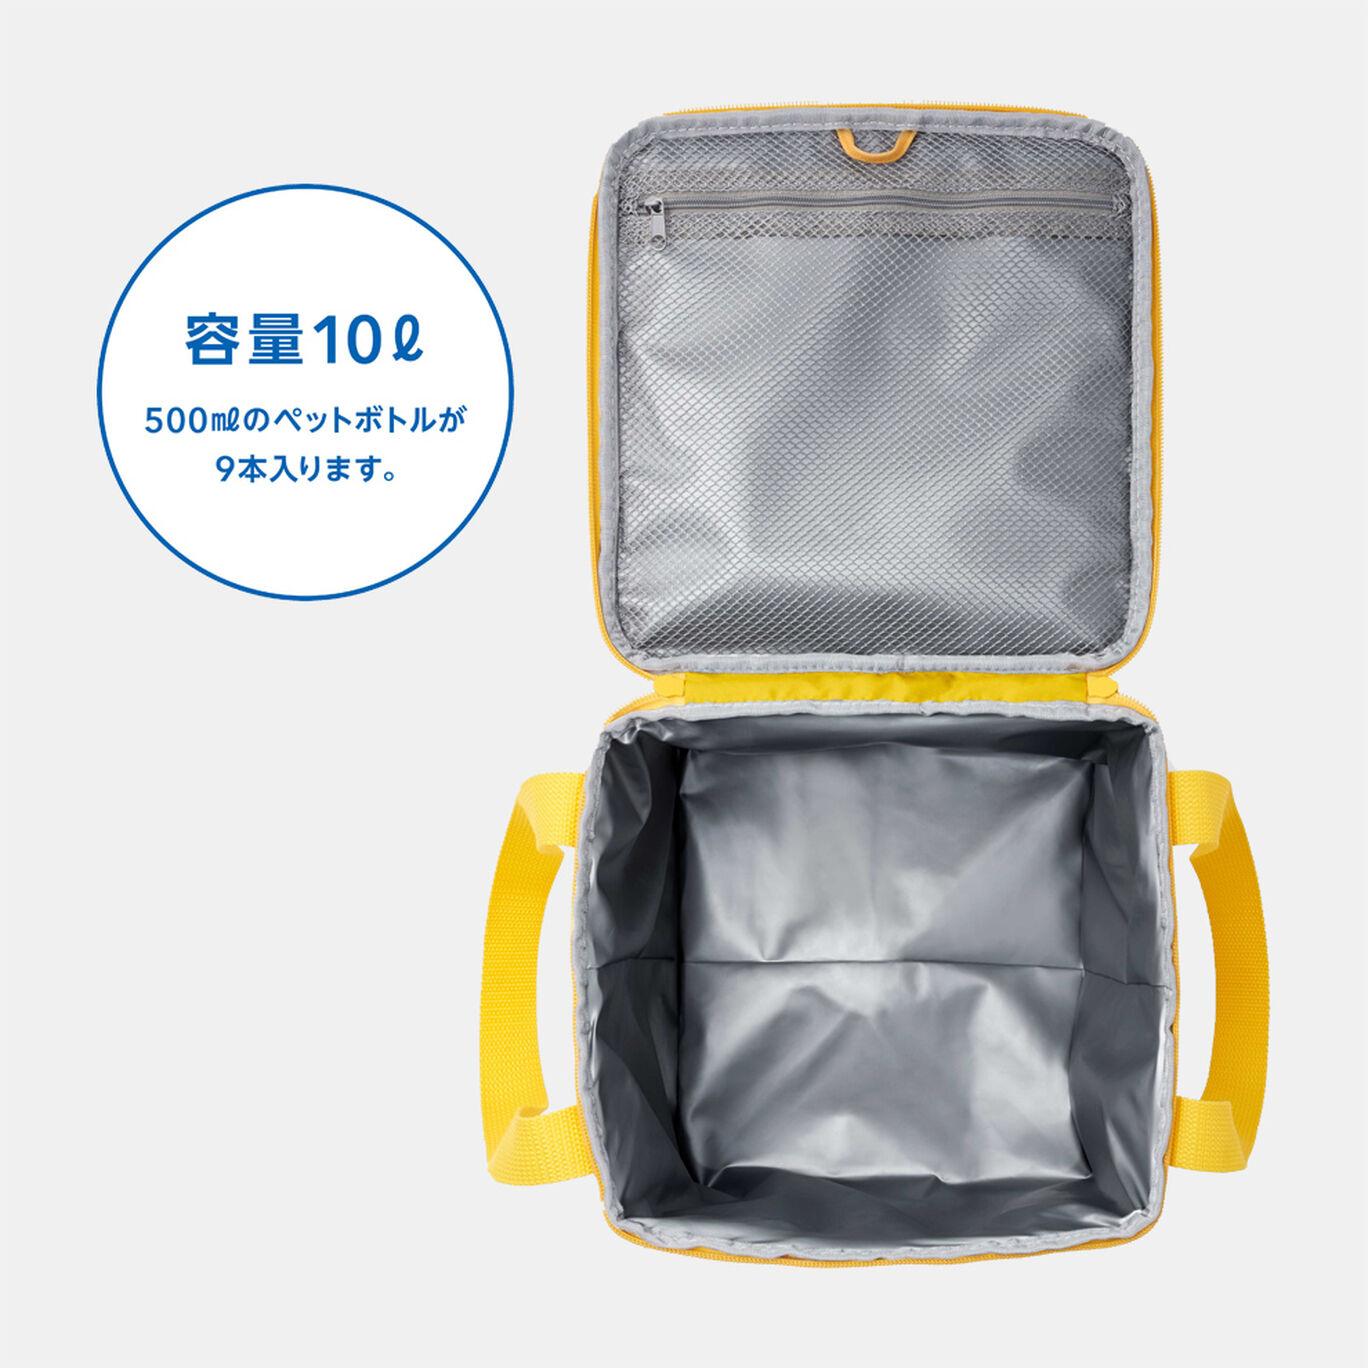 【新商品】スーパーマリオ トラベル クーラーバッグ(ハテナブロック)